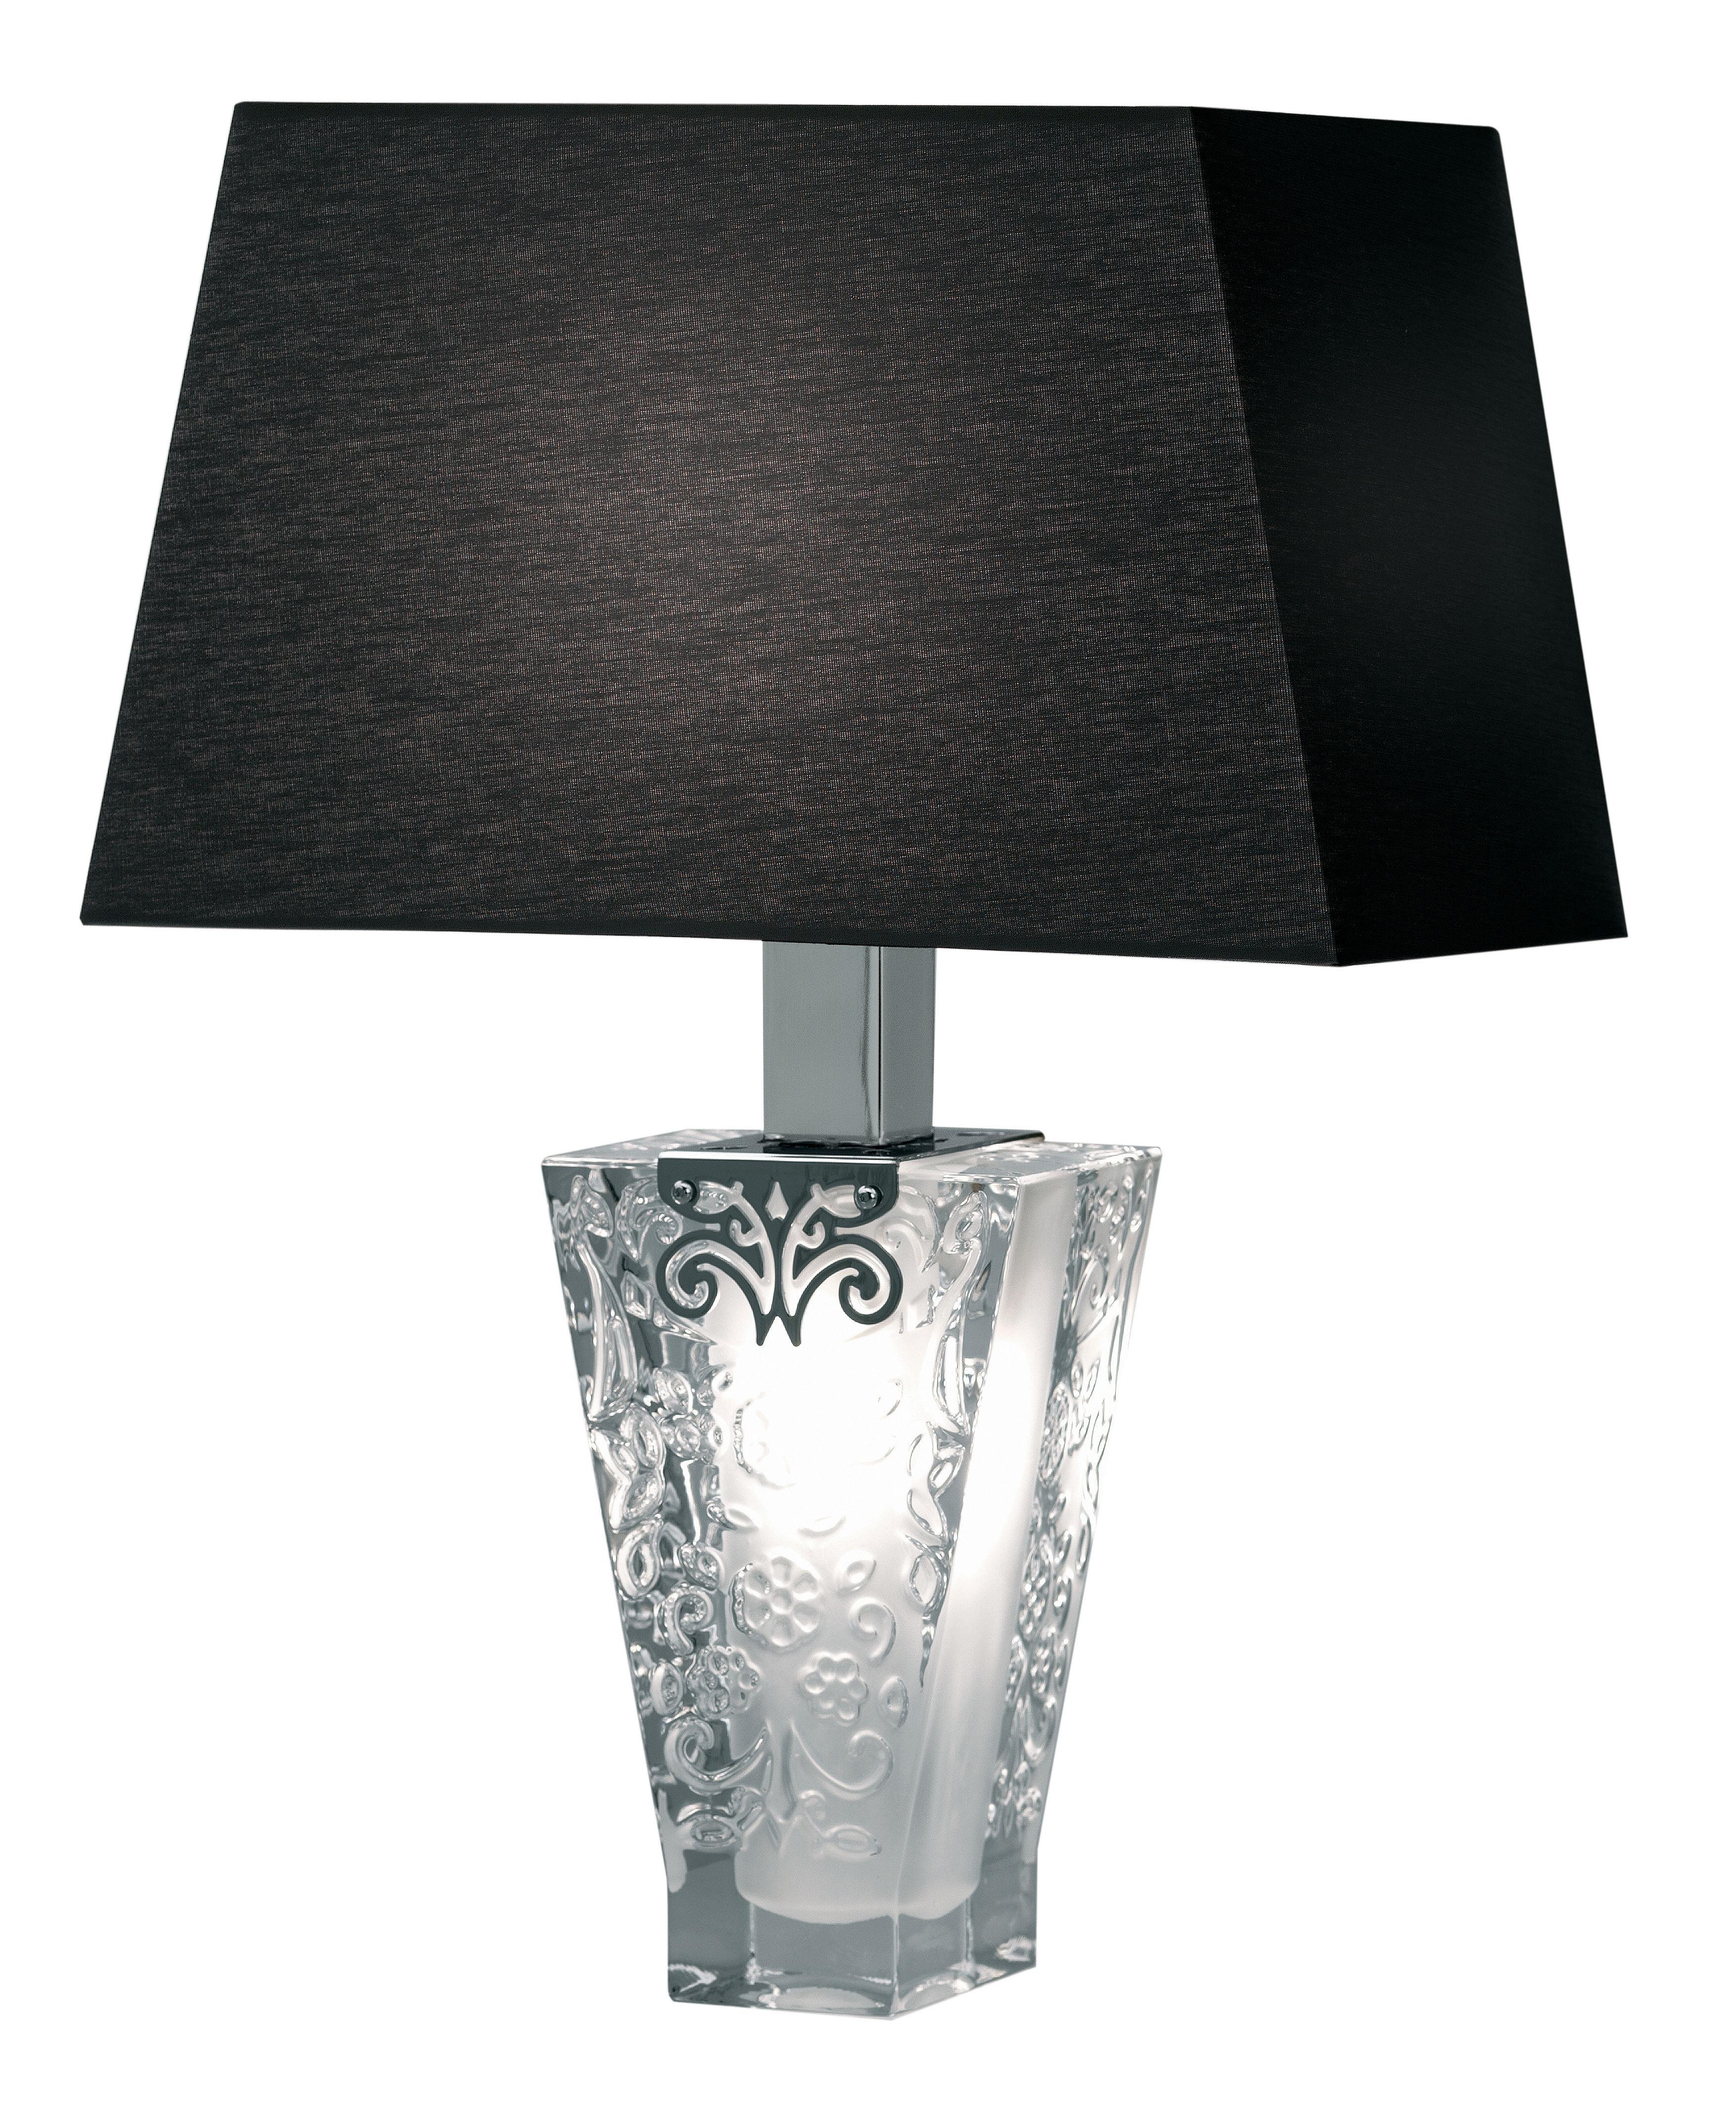 Leuchten - Tischleuchten - Vicky Tischleuchte - Fabbian - Lampenschirm schwarz - Baumwolle, Glas, verchromtes Metall